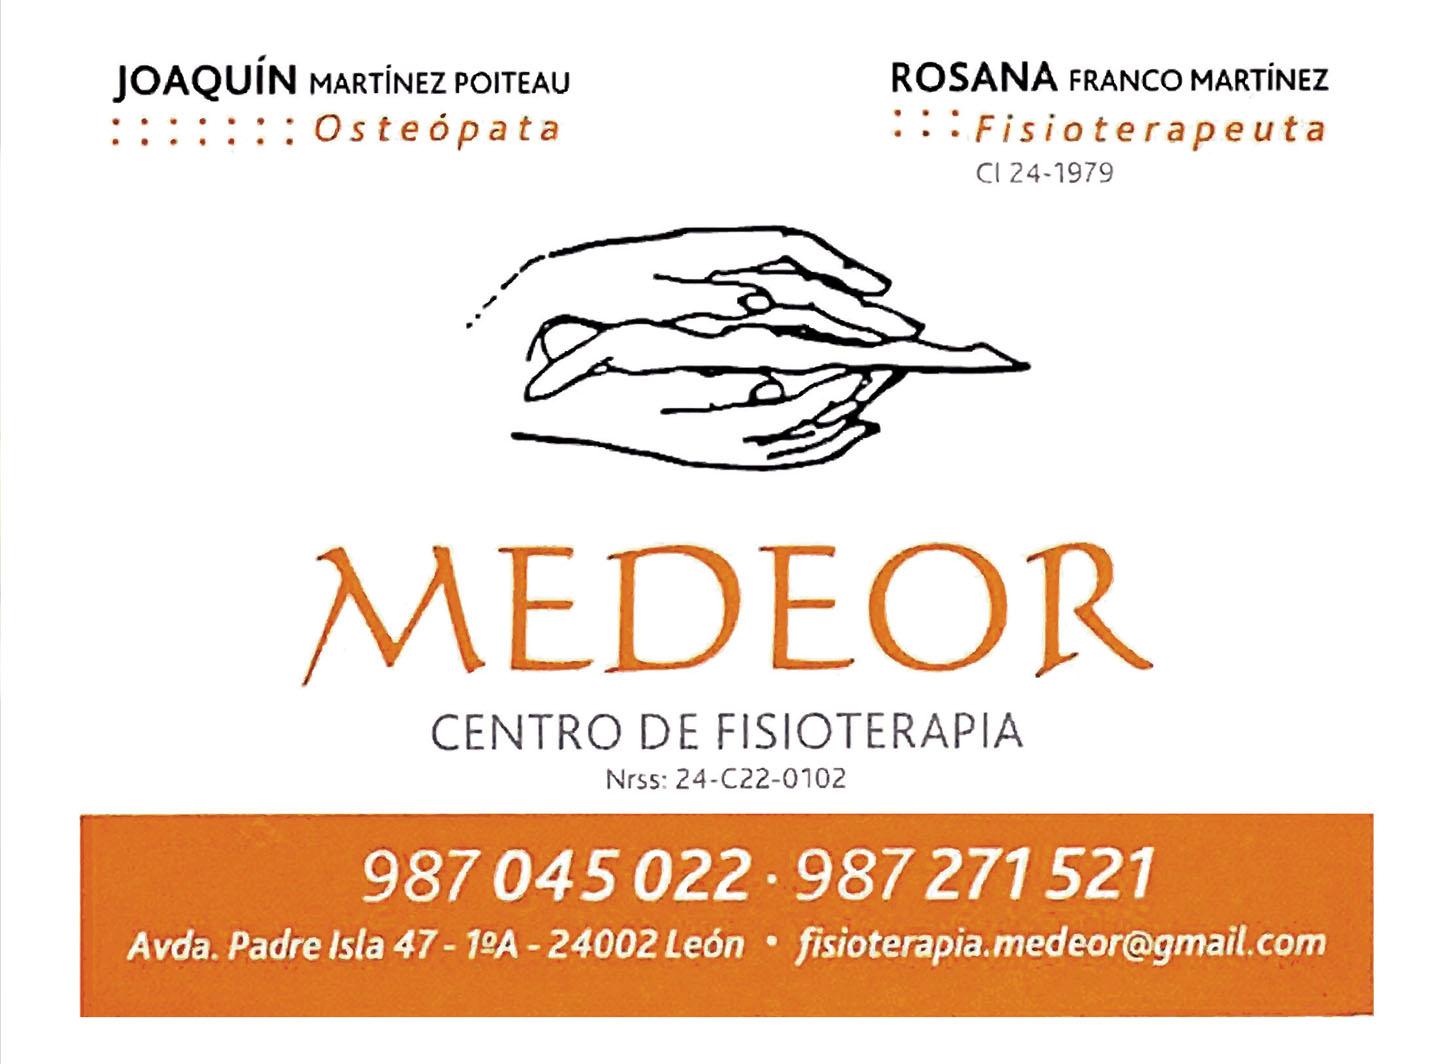 Fisiterapia Medeor